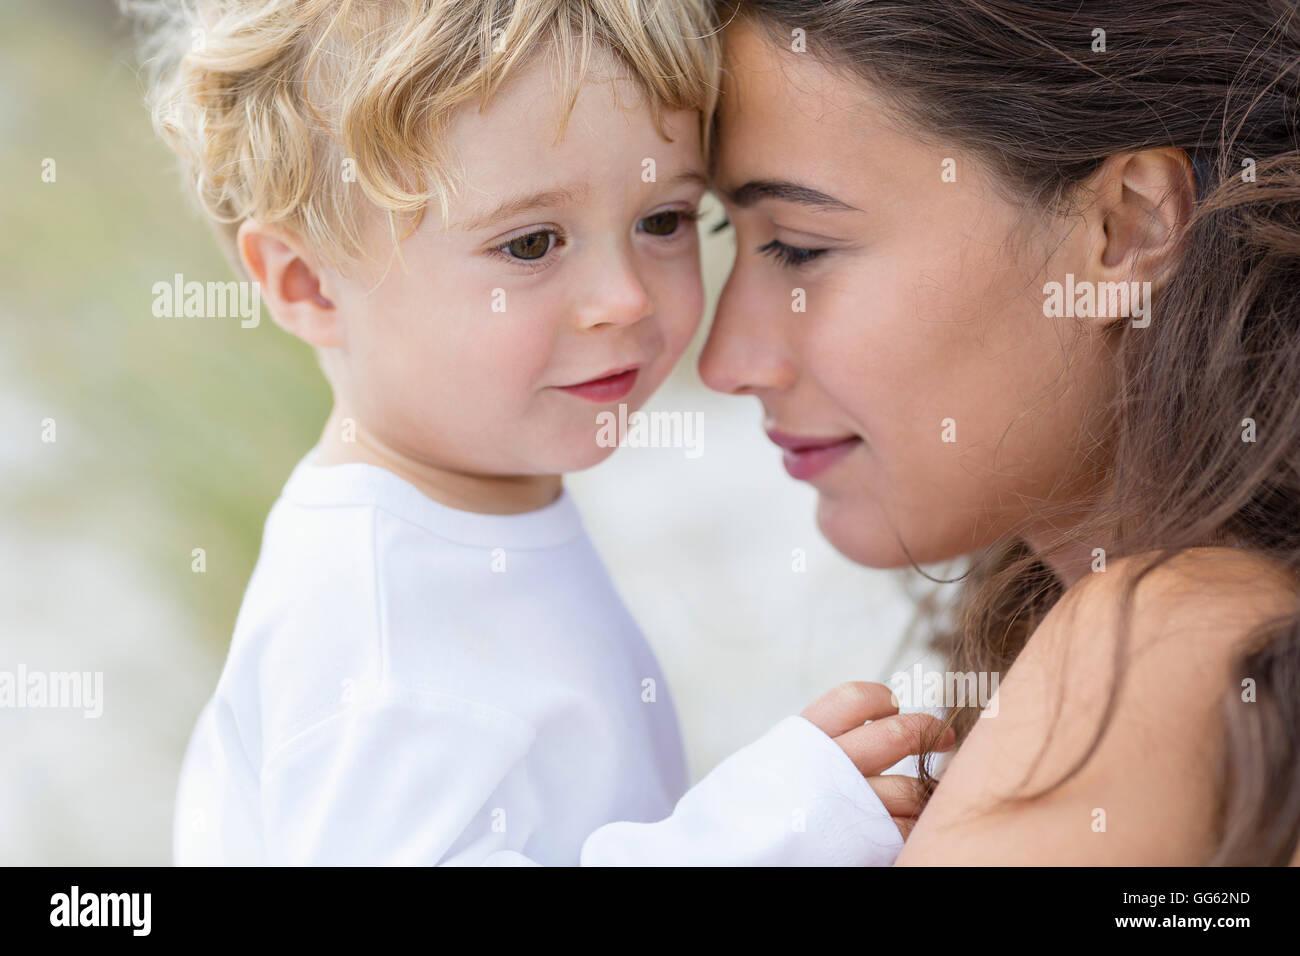 Nahaufnahme einer schönen Mutter mit ihrem Sohn Stockbild